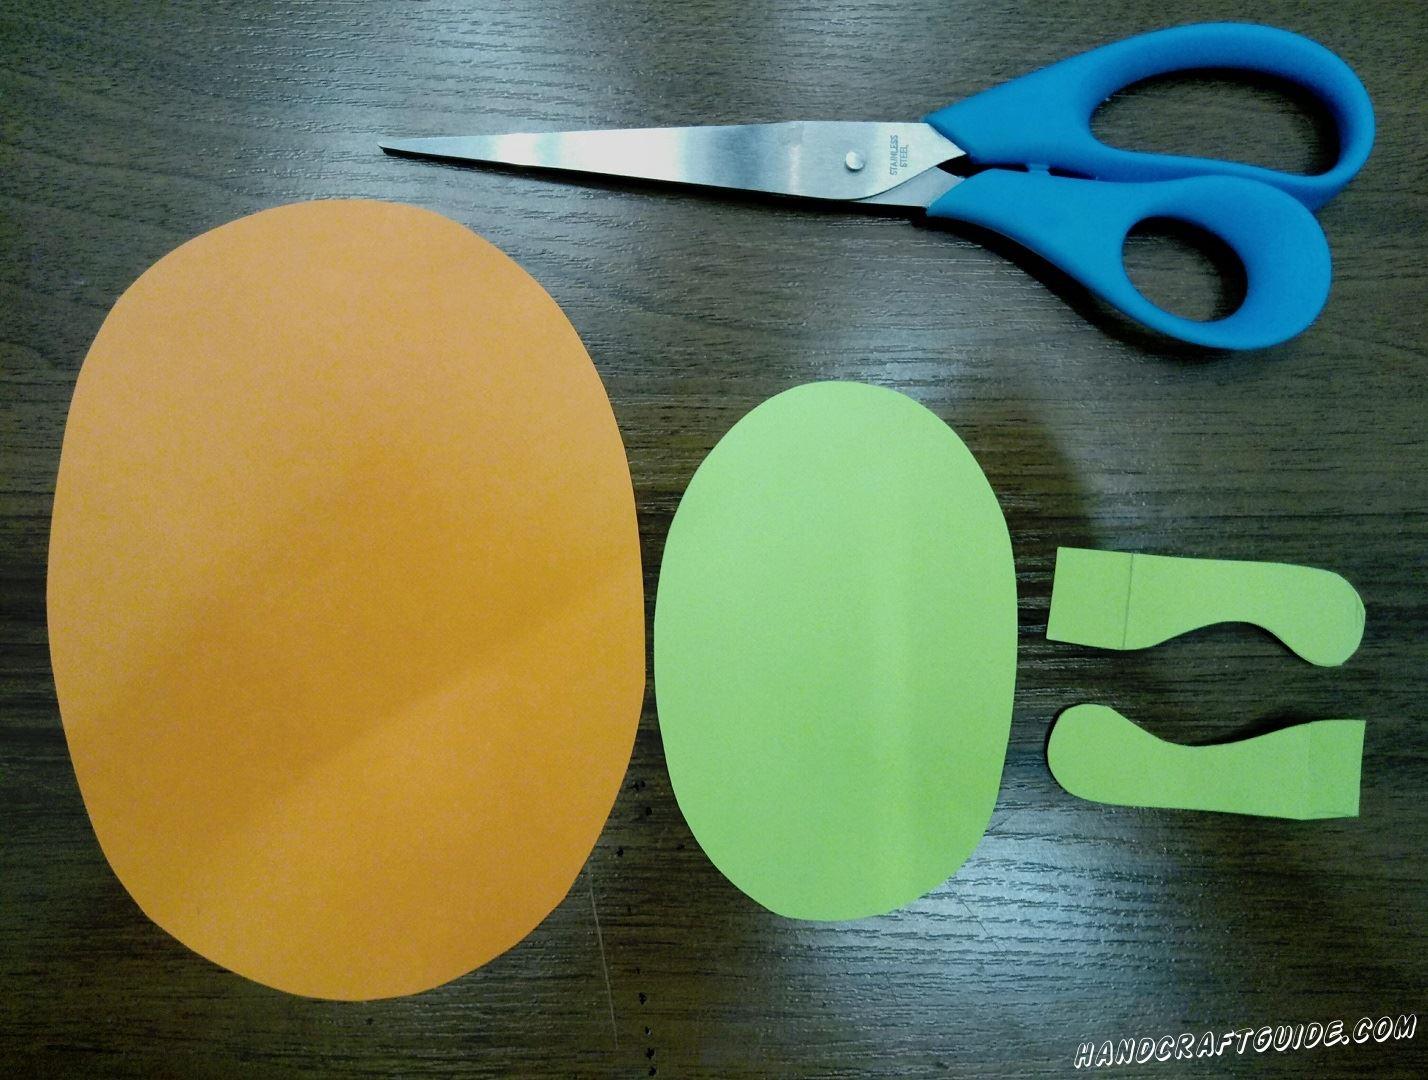 Для начала, нужно вырезать все необходимые детали, а именно: большой овал оранжевого цвета, меньший овал фиолетового цвета и такого же цвета 2 детальки, похожие на лапки